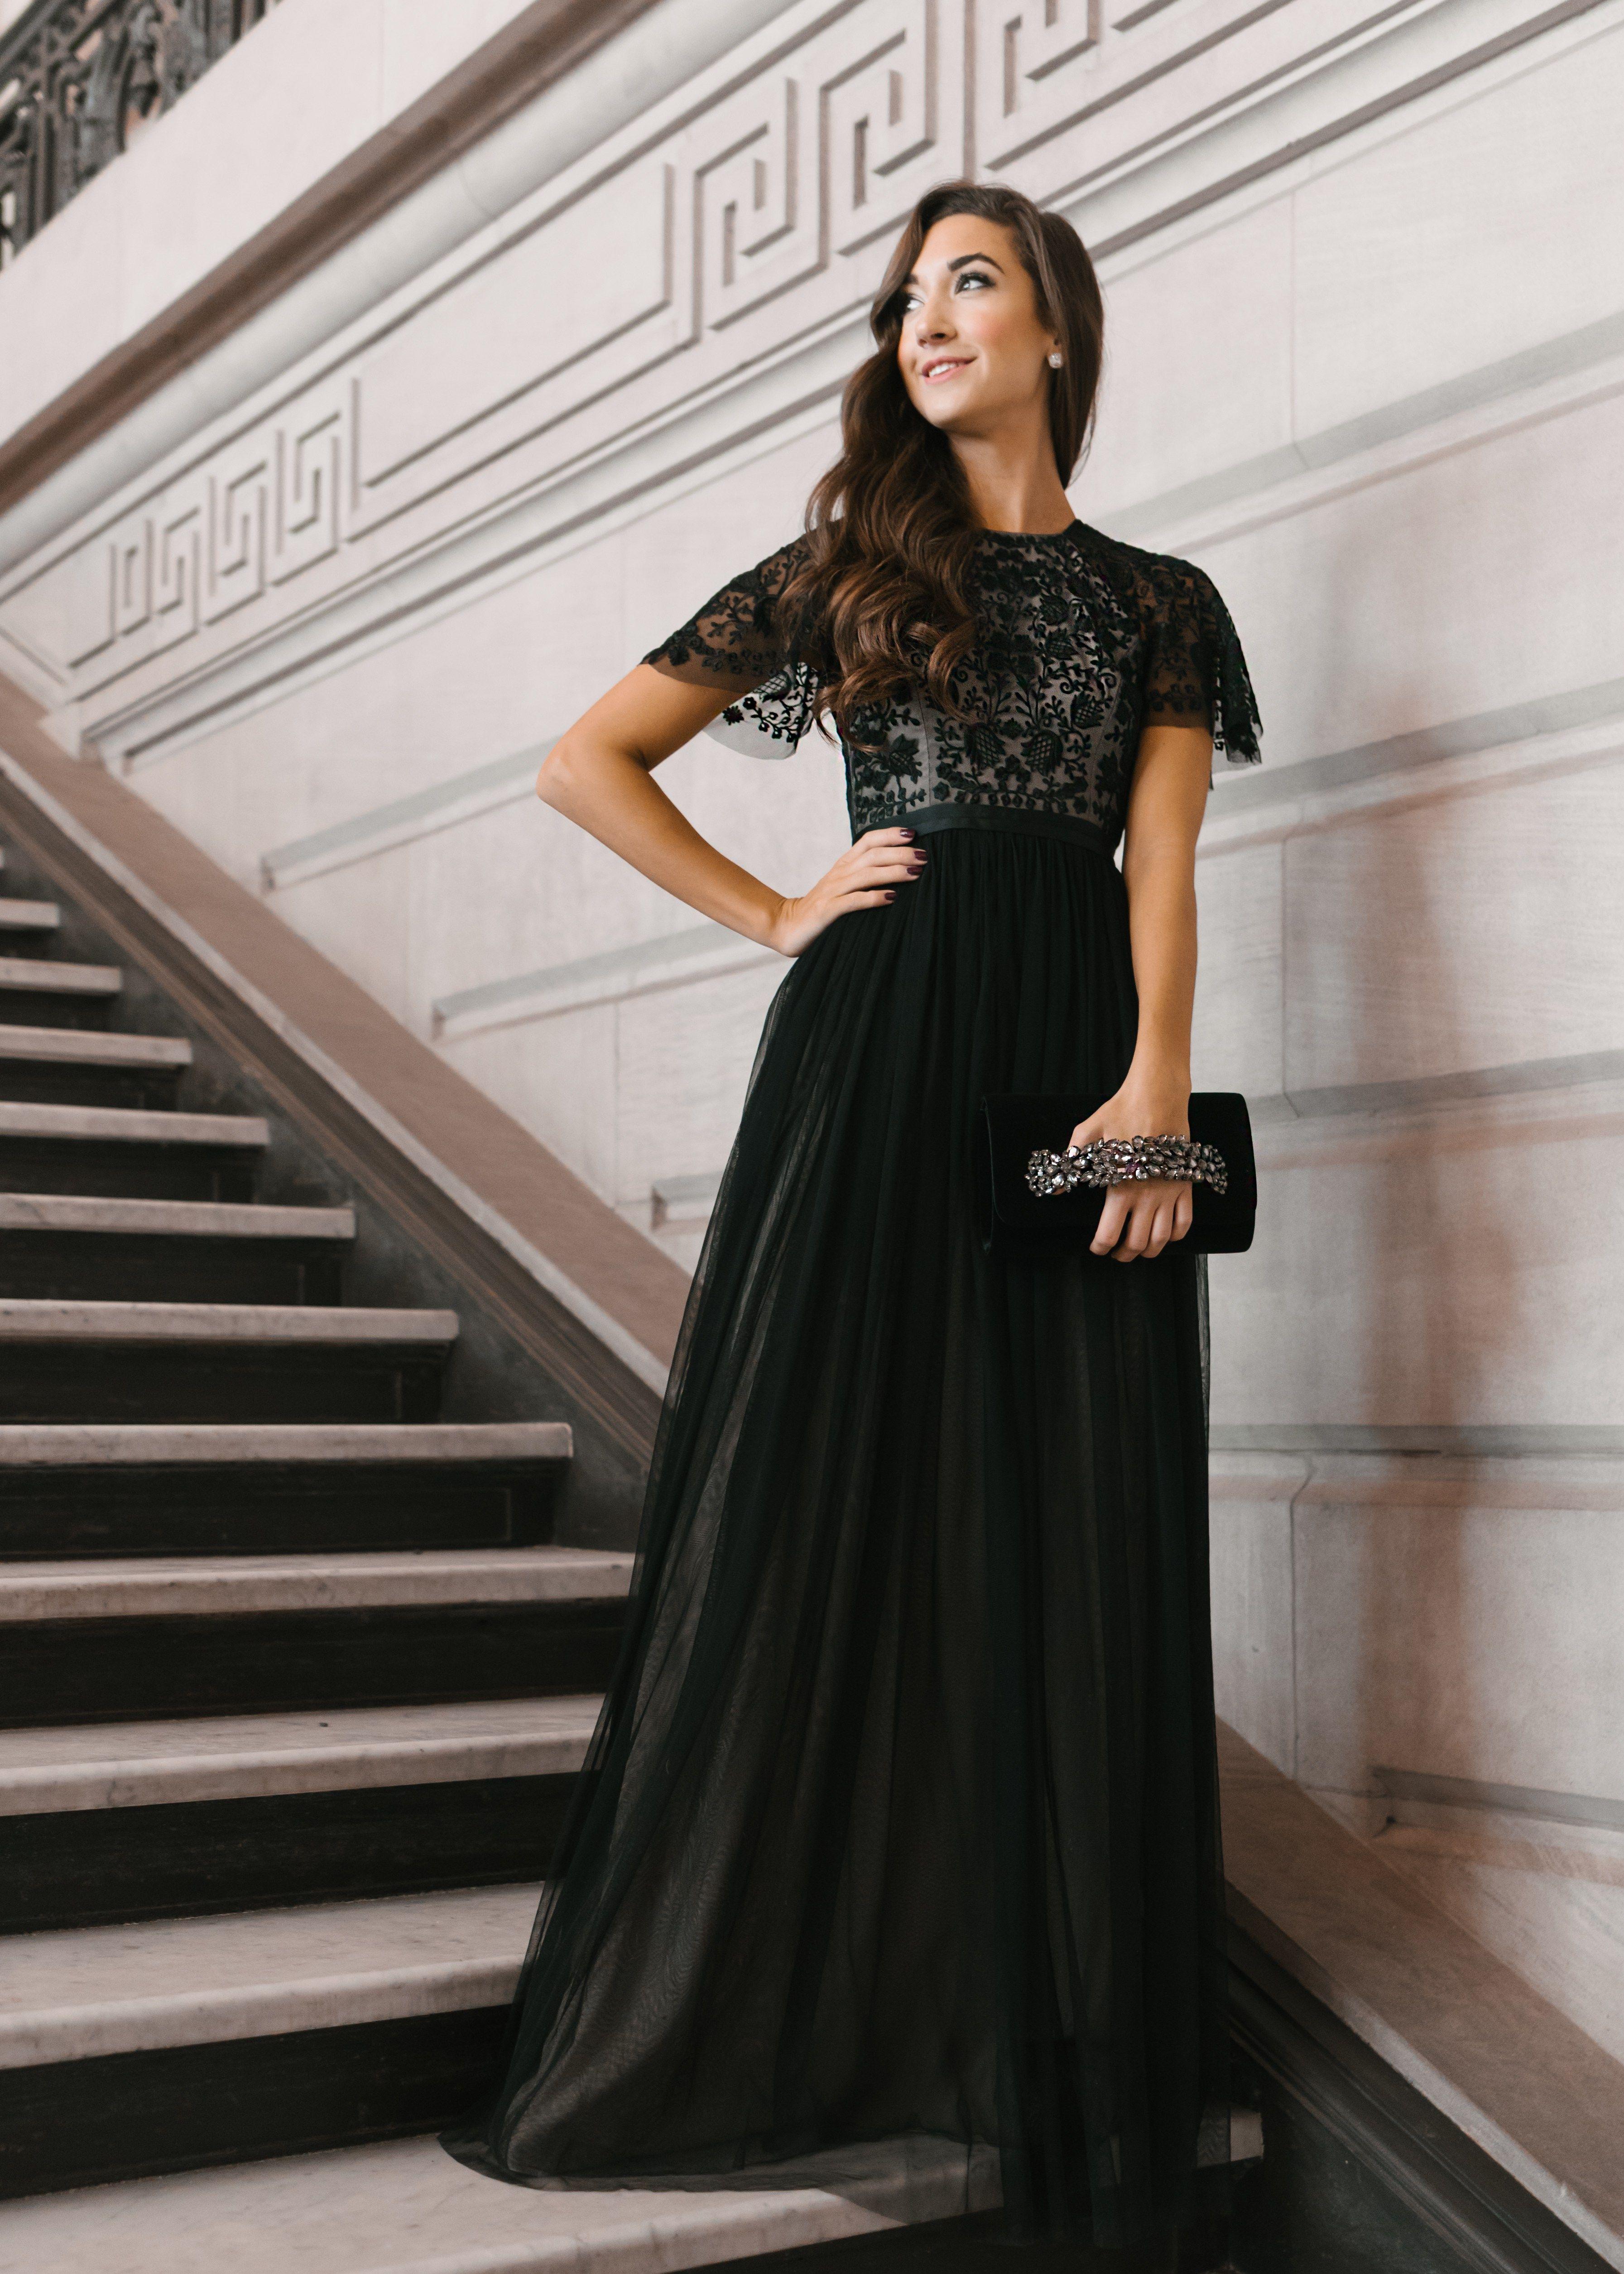 What To Wear To A Black Tie Wedding Melissa Frusco Black Tie Wedding Guest Dress Black Tie Wedding Attire Black Tie Attire [ 5020 x 3586 Pixel ]